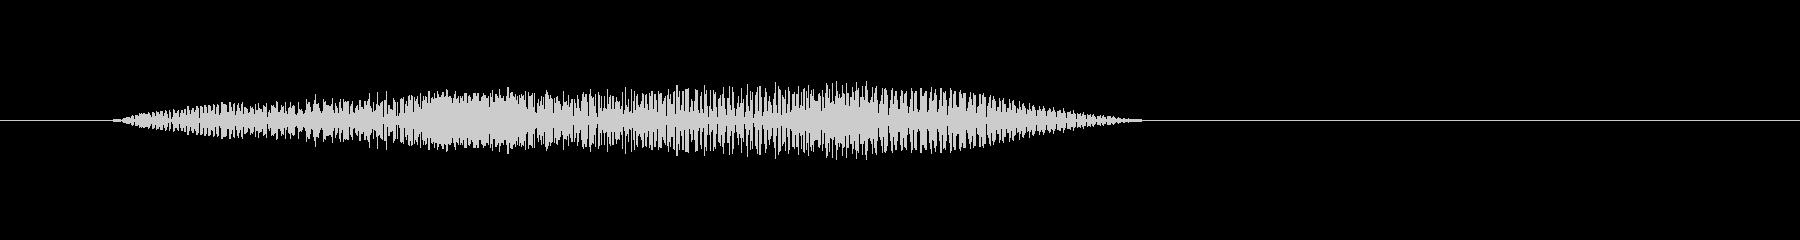 ピポパポ(ロボットの会話音)の未再生の波形